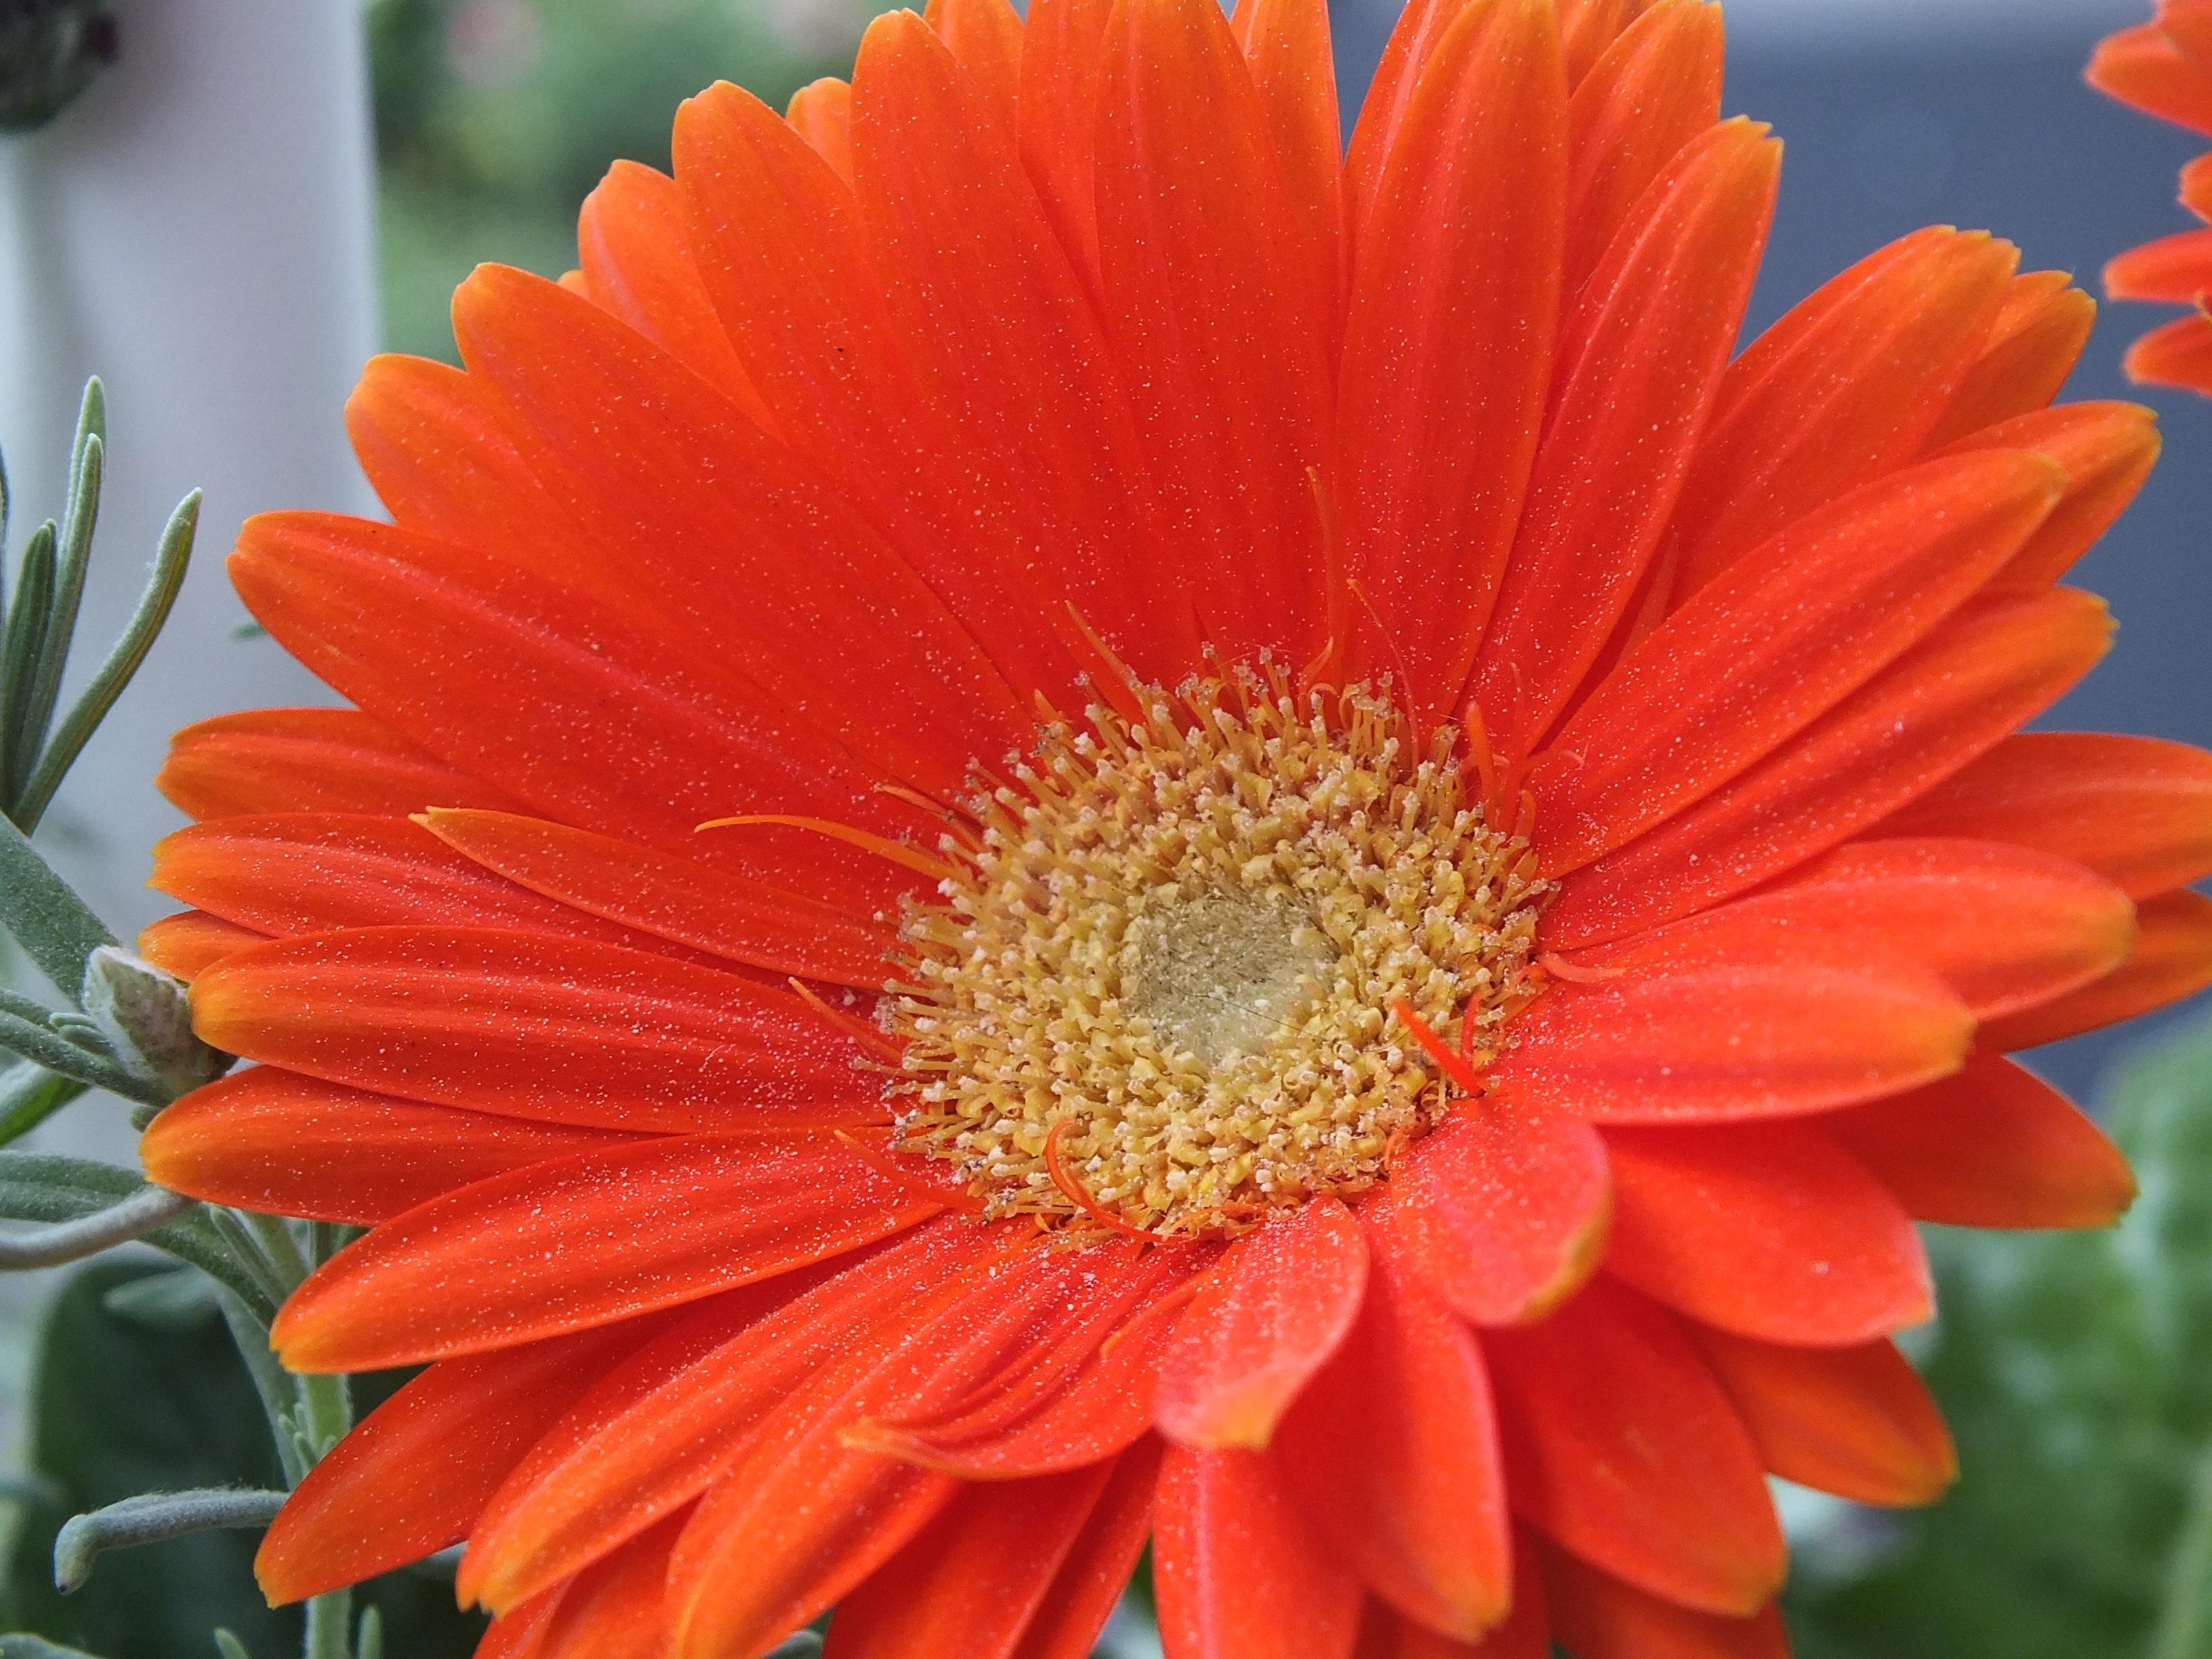 Free Images Nature Blossom Flower Petal Bloom Summer Spring